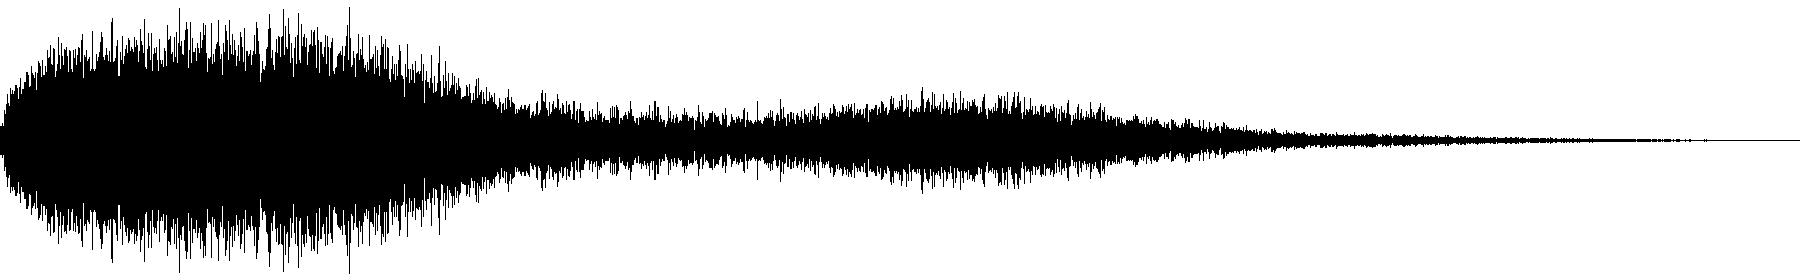 vfx1 atmos 35